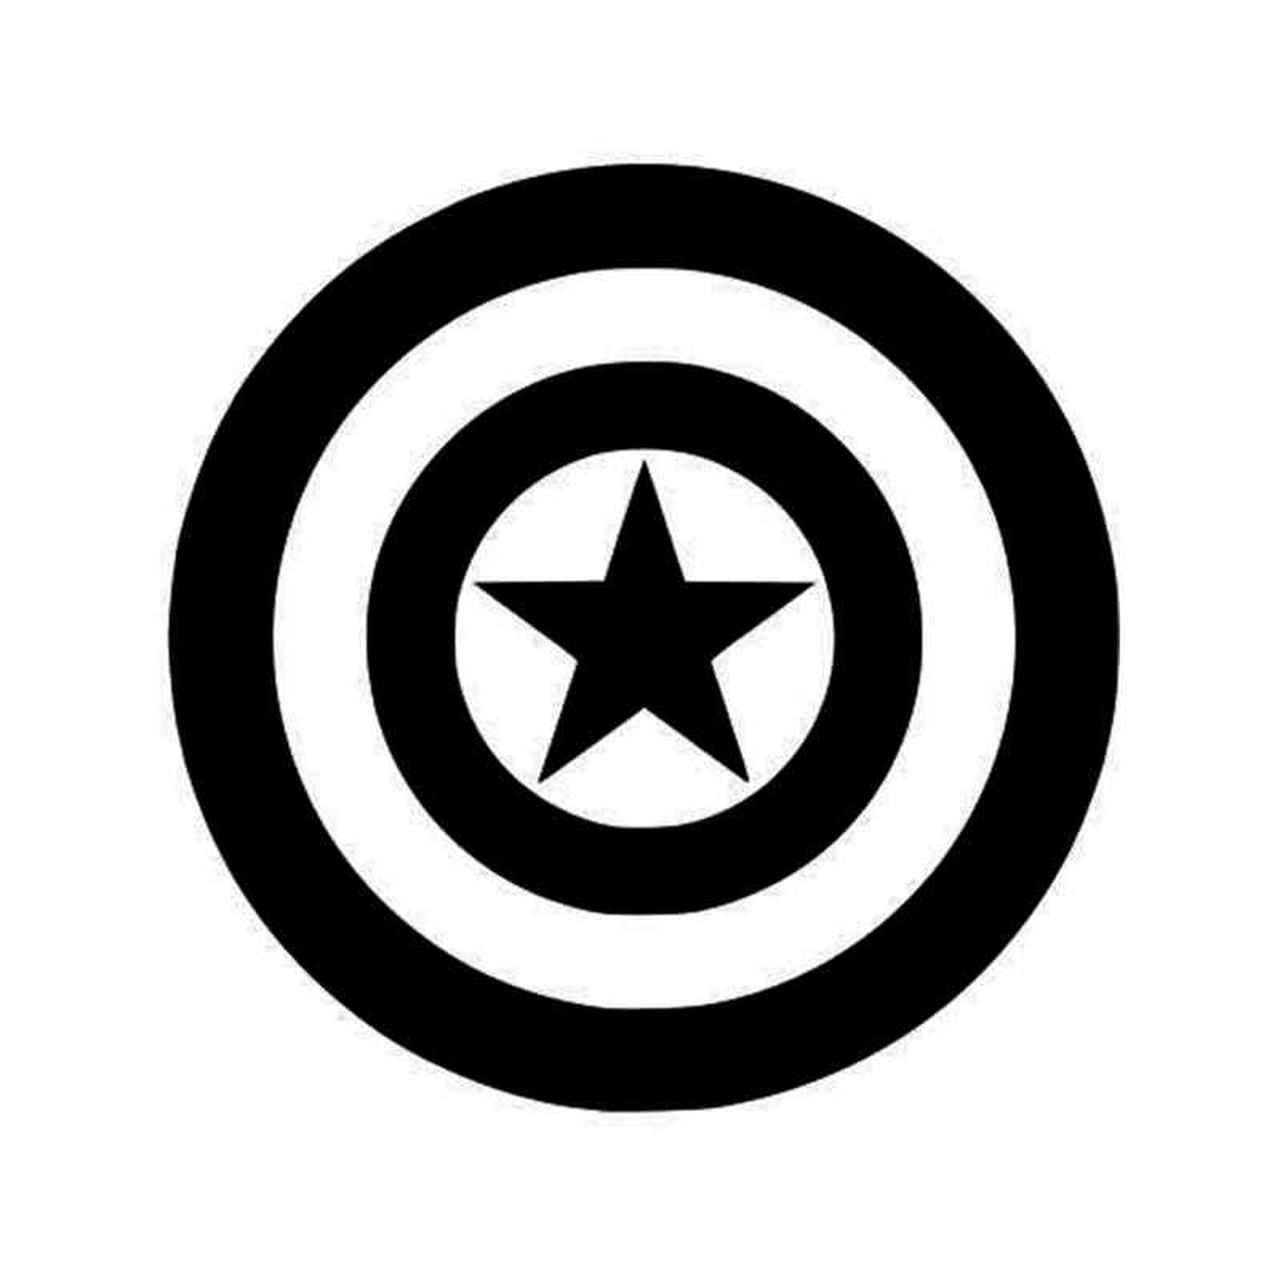 Captain America Captain American Logo Captain America Vinyl Sticker.